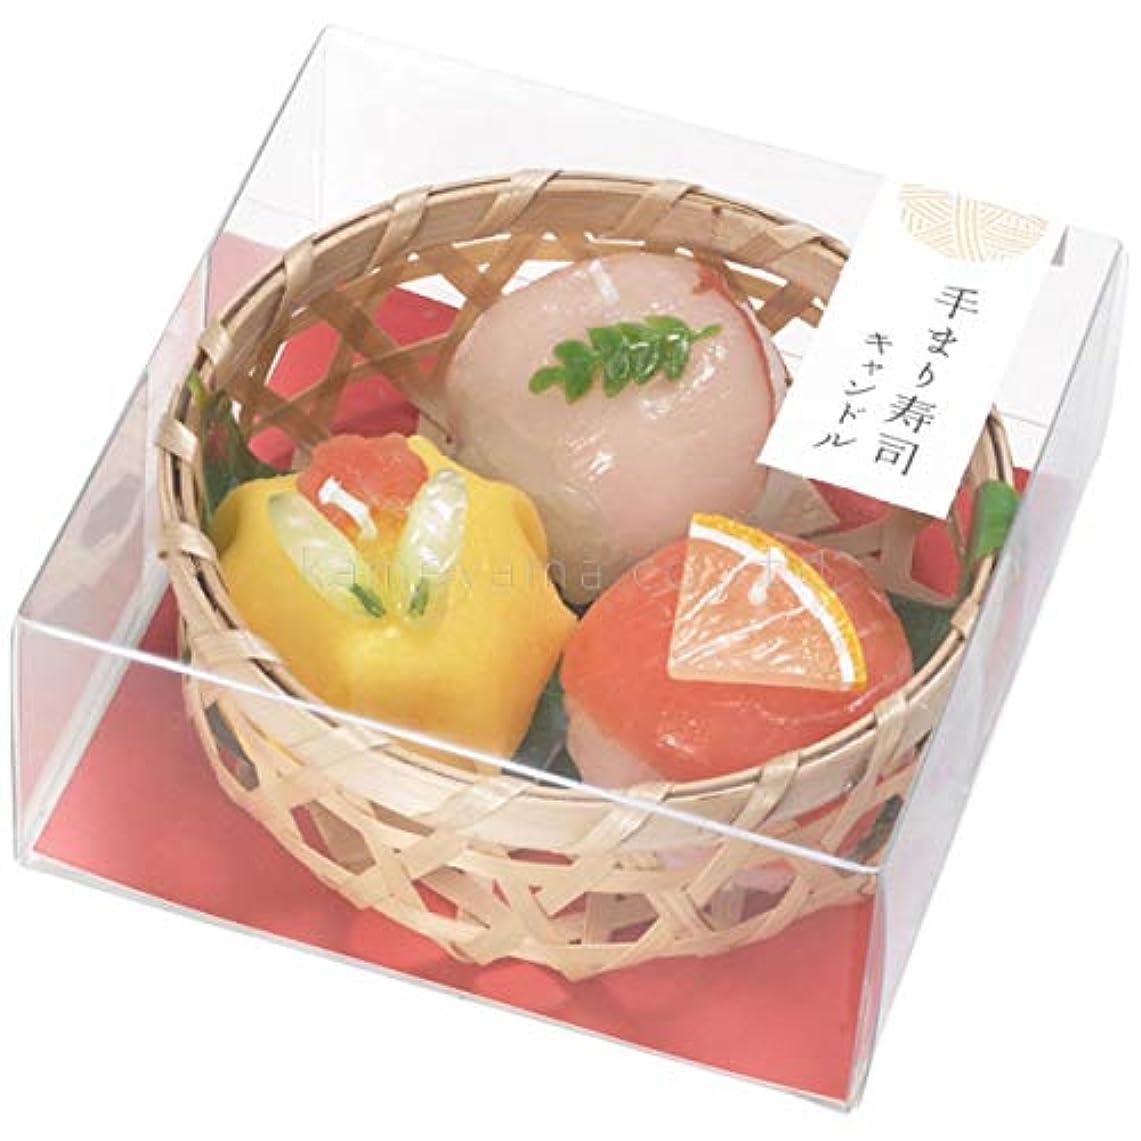 イタリアのハンディキャップ堀手まり寿司キャンドル (故人の好物シリーズ)